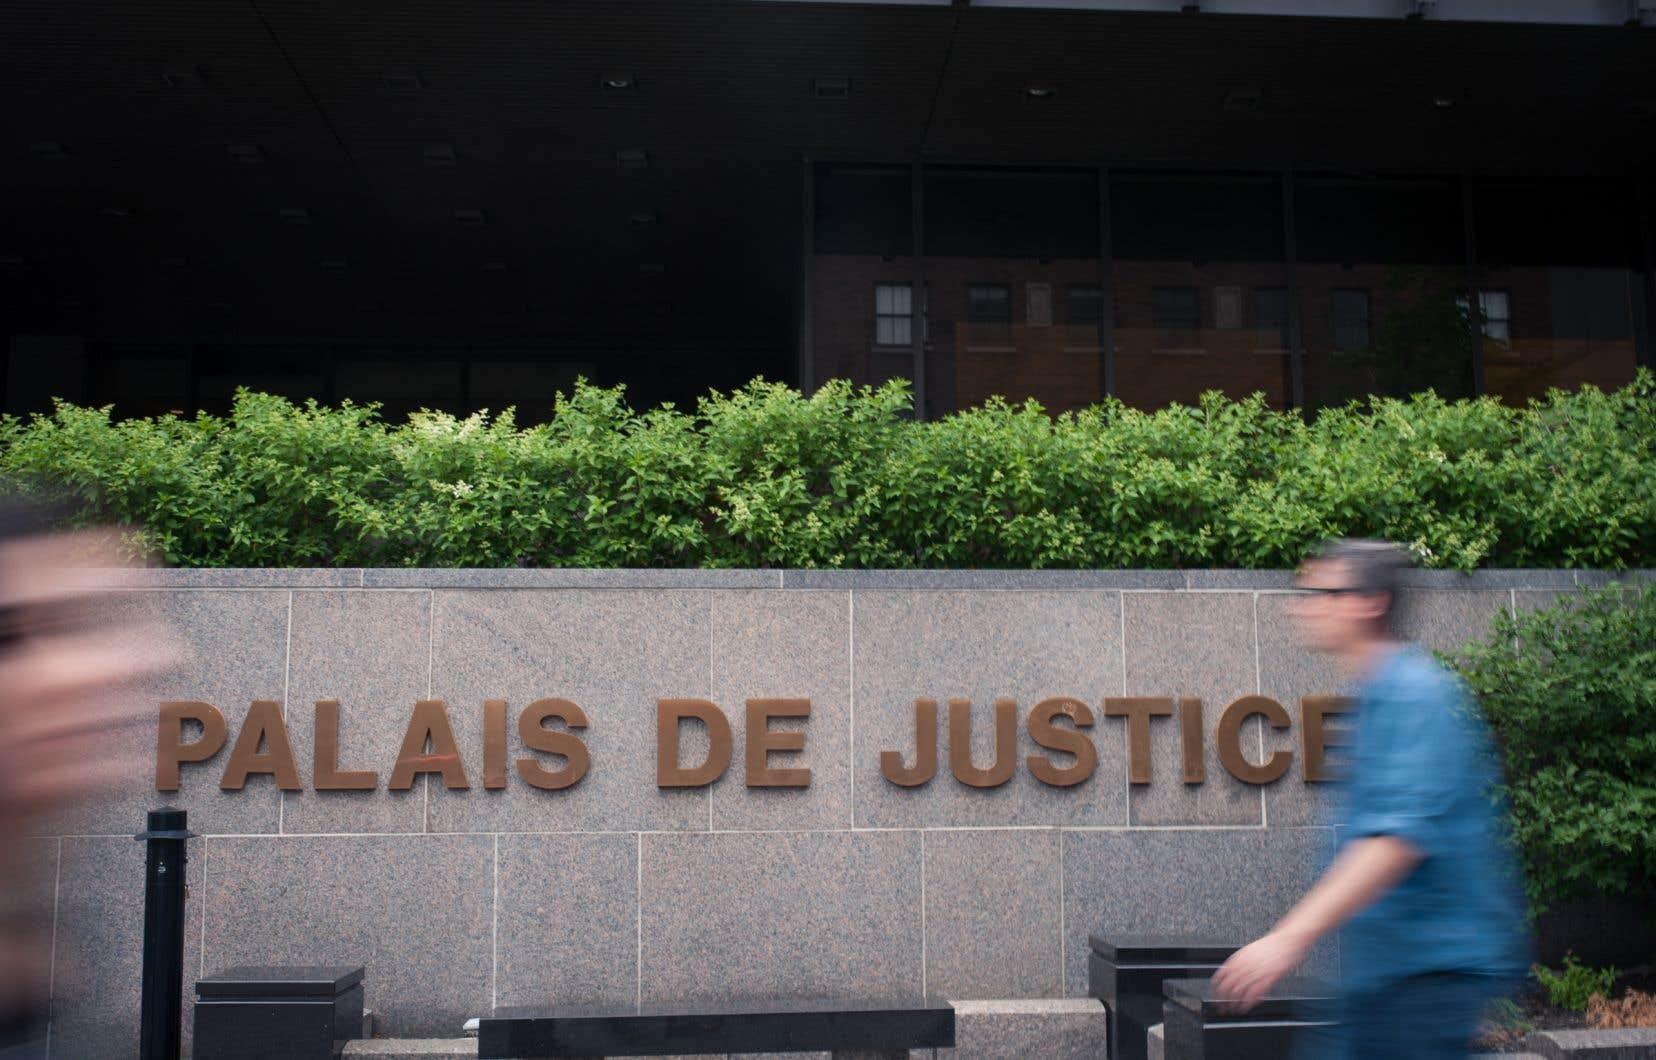 «L'aide juridique est censée assurer que les personnes les plus vulnérables ne seront pas seules devant le système de justice et qu'elles pourront bénéficier d'une représentation professionnelle de qualité.»